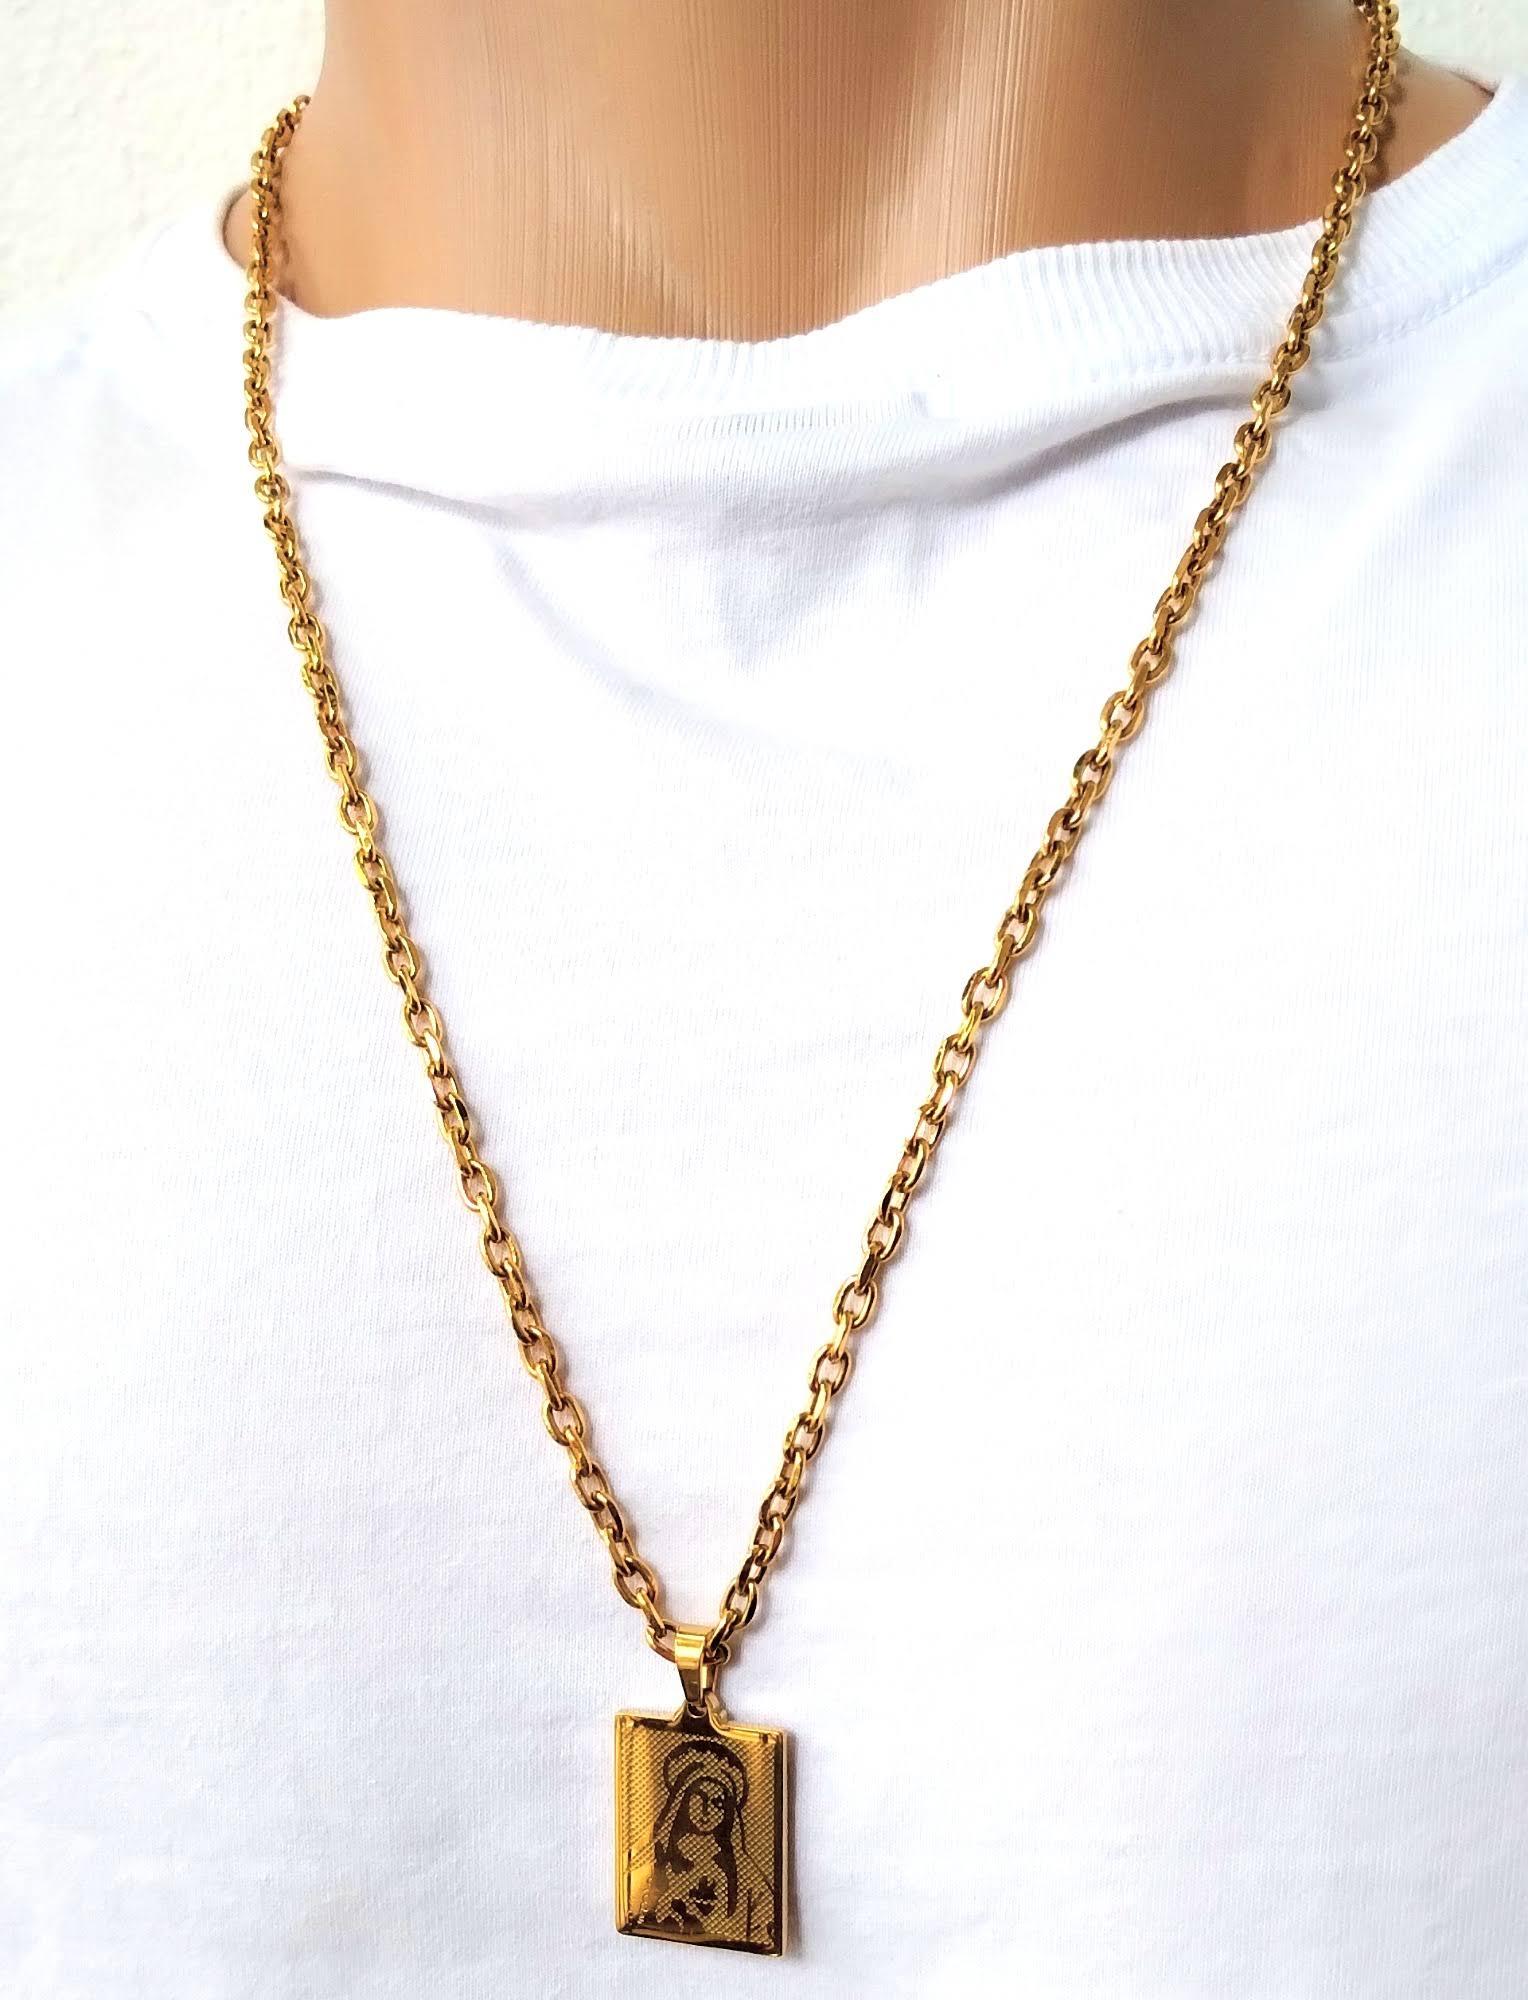 Cordão Corrente Elo Cadeado Banhada Ouro 18k Virgem Maria